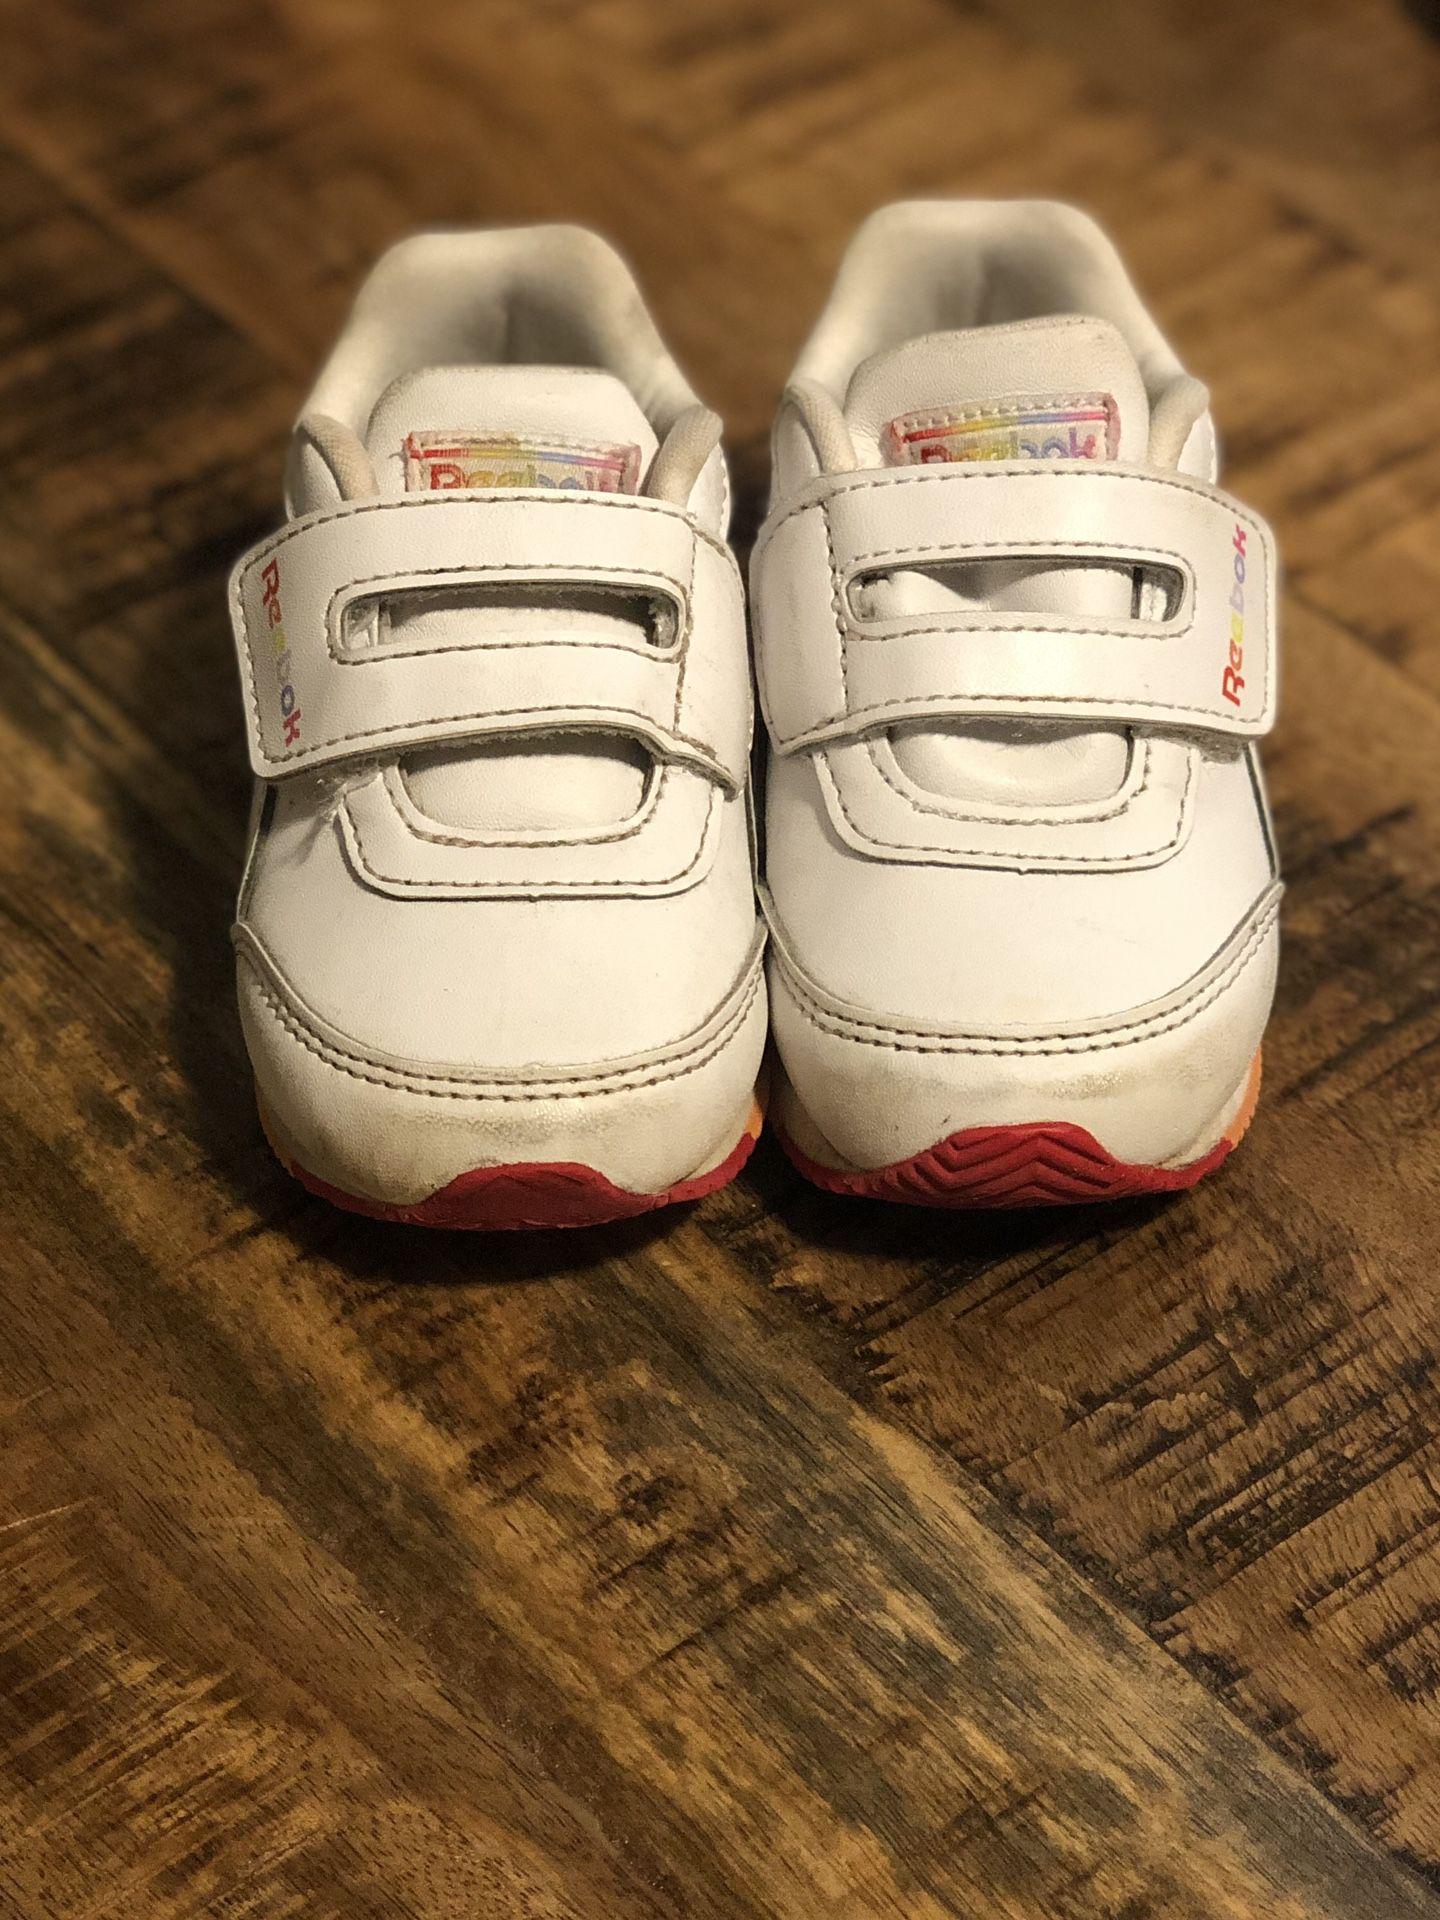 Sz 5 Toddler White Girls Reebok